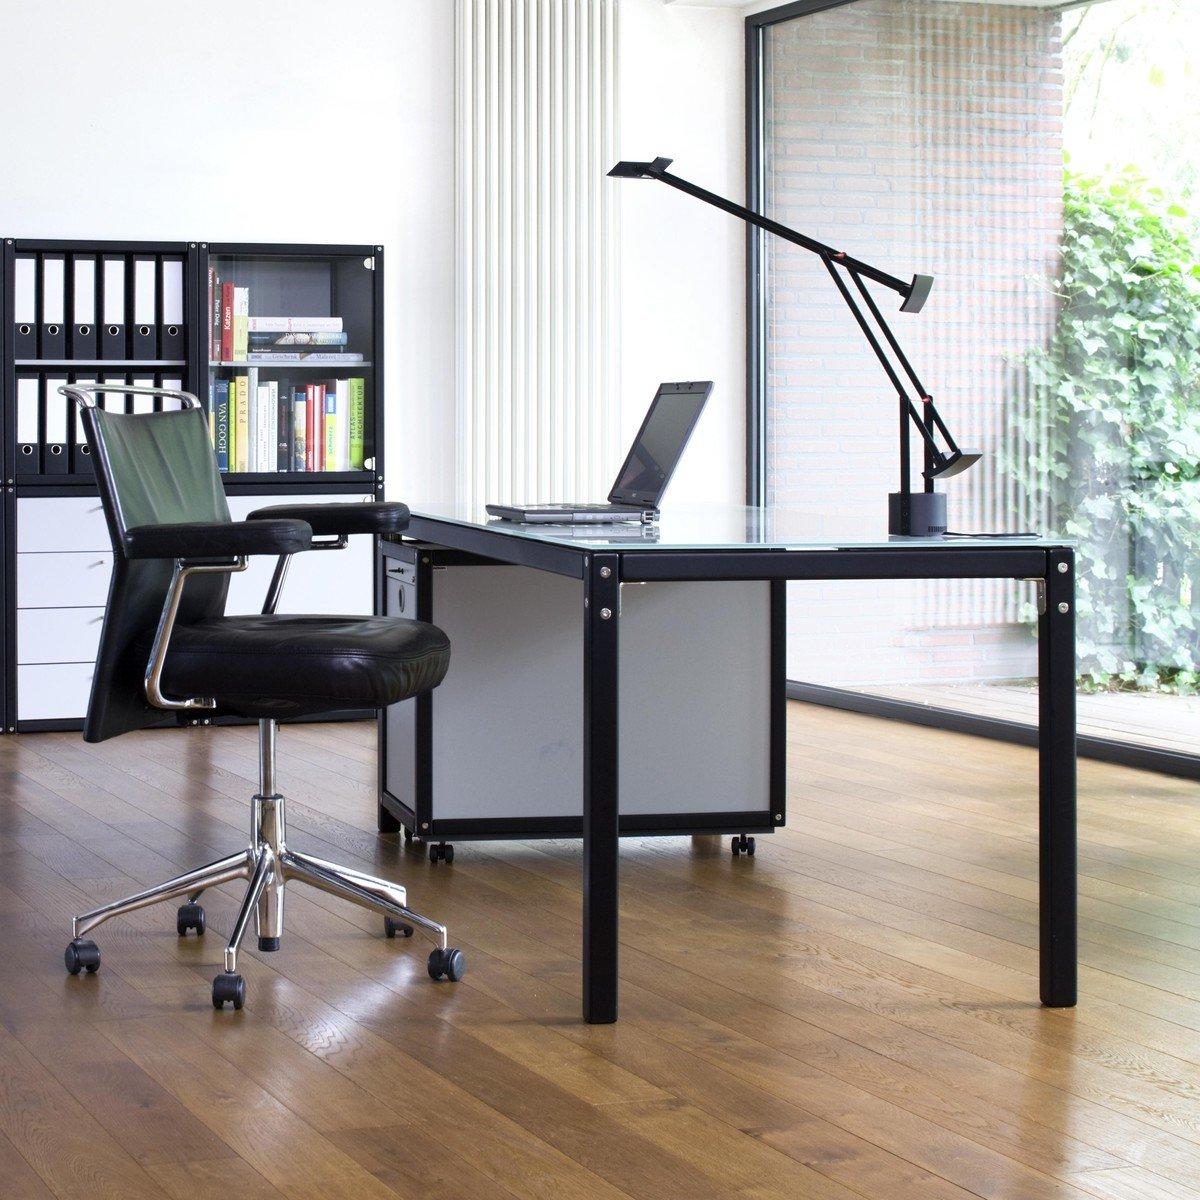 Flötotto Profilsystem flötotto profilsystem office table flötotto ambientedirect com